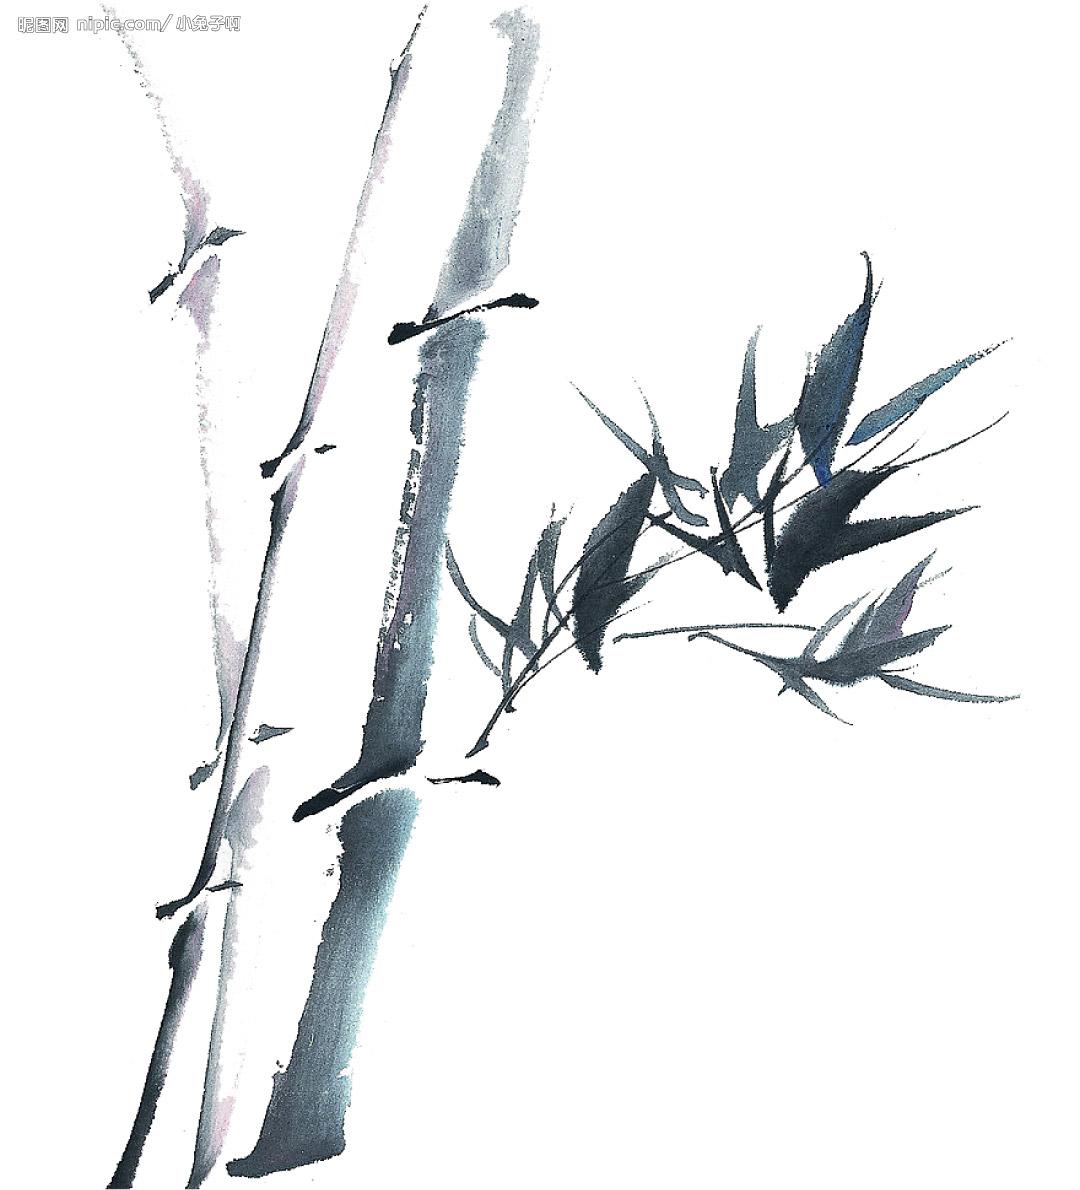 客厅装饰画之竹子水墨画   铅笔素描竹子的 画法 ; 白描 竹子 画谱/国画图片